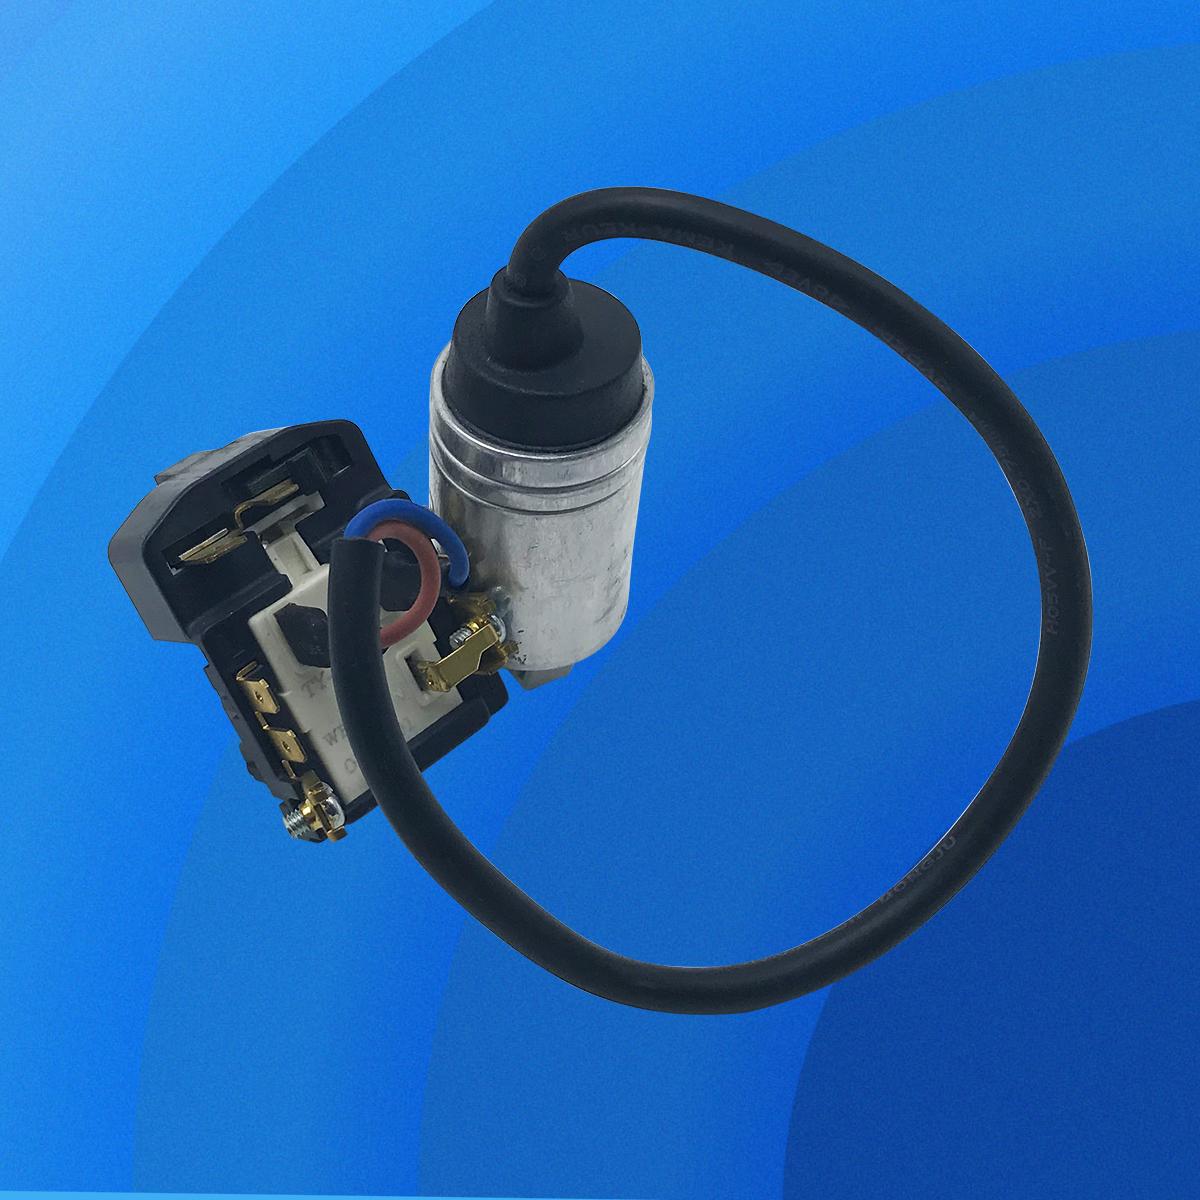 冰箱(ZBS1114CY)压缩机启动器保护器TY-QZ-003-01,0060702785